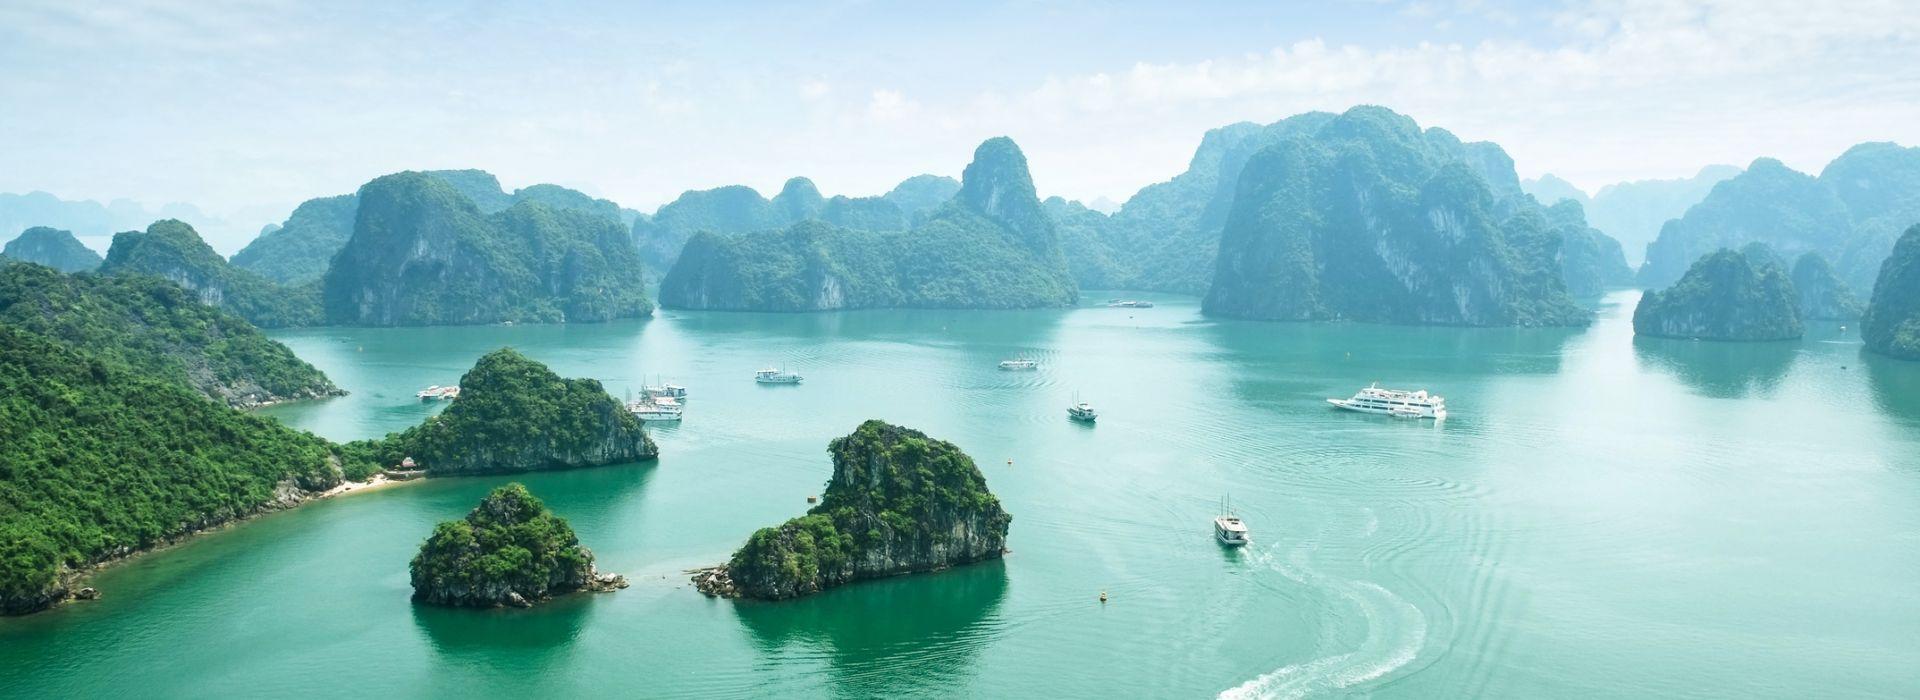 Cruise Tours in Da Nang